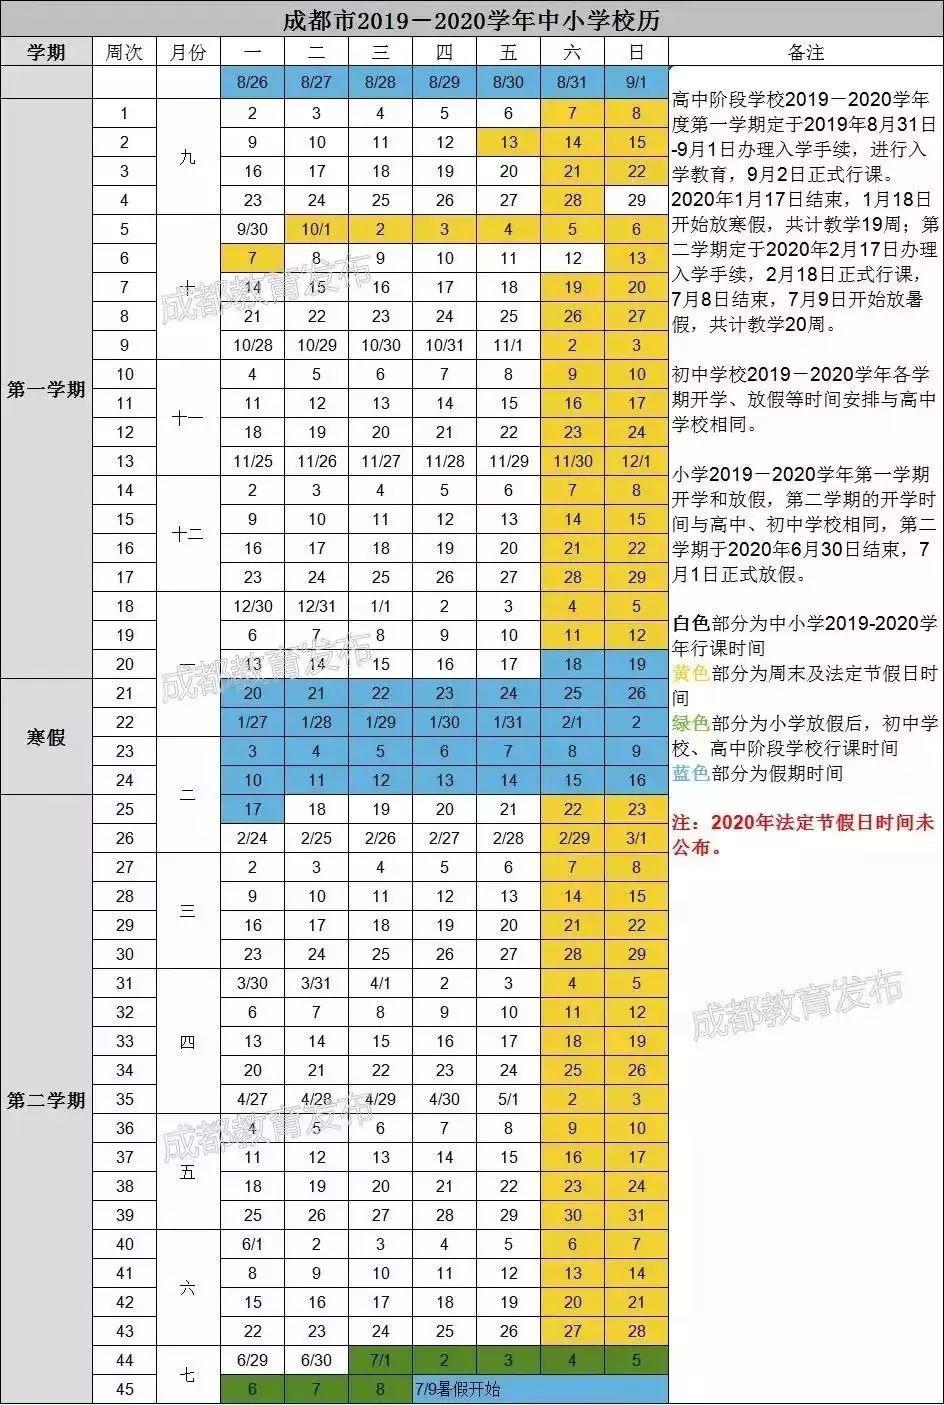 成都中小学秋季学期校历出炉,新学期能上几天学?(附入学收心攻略!)